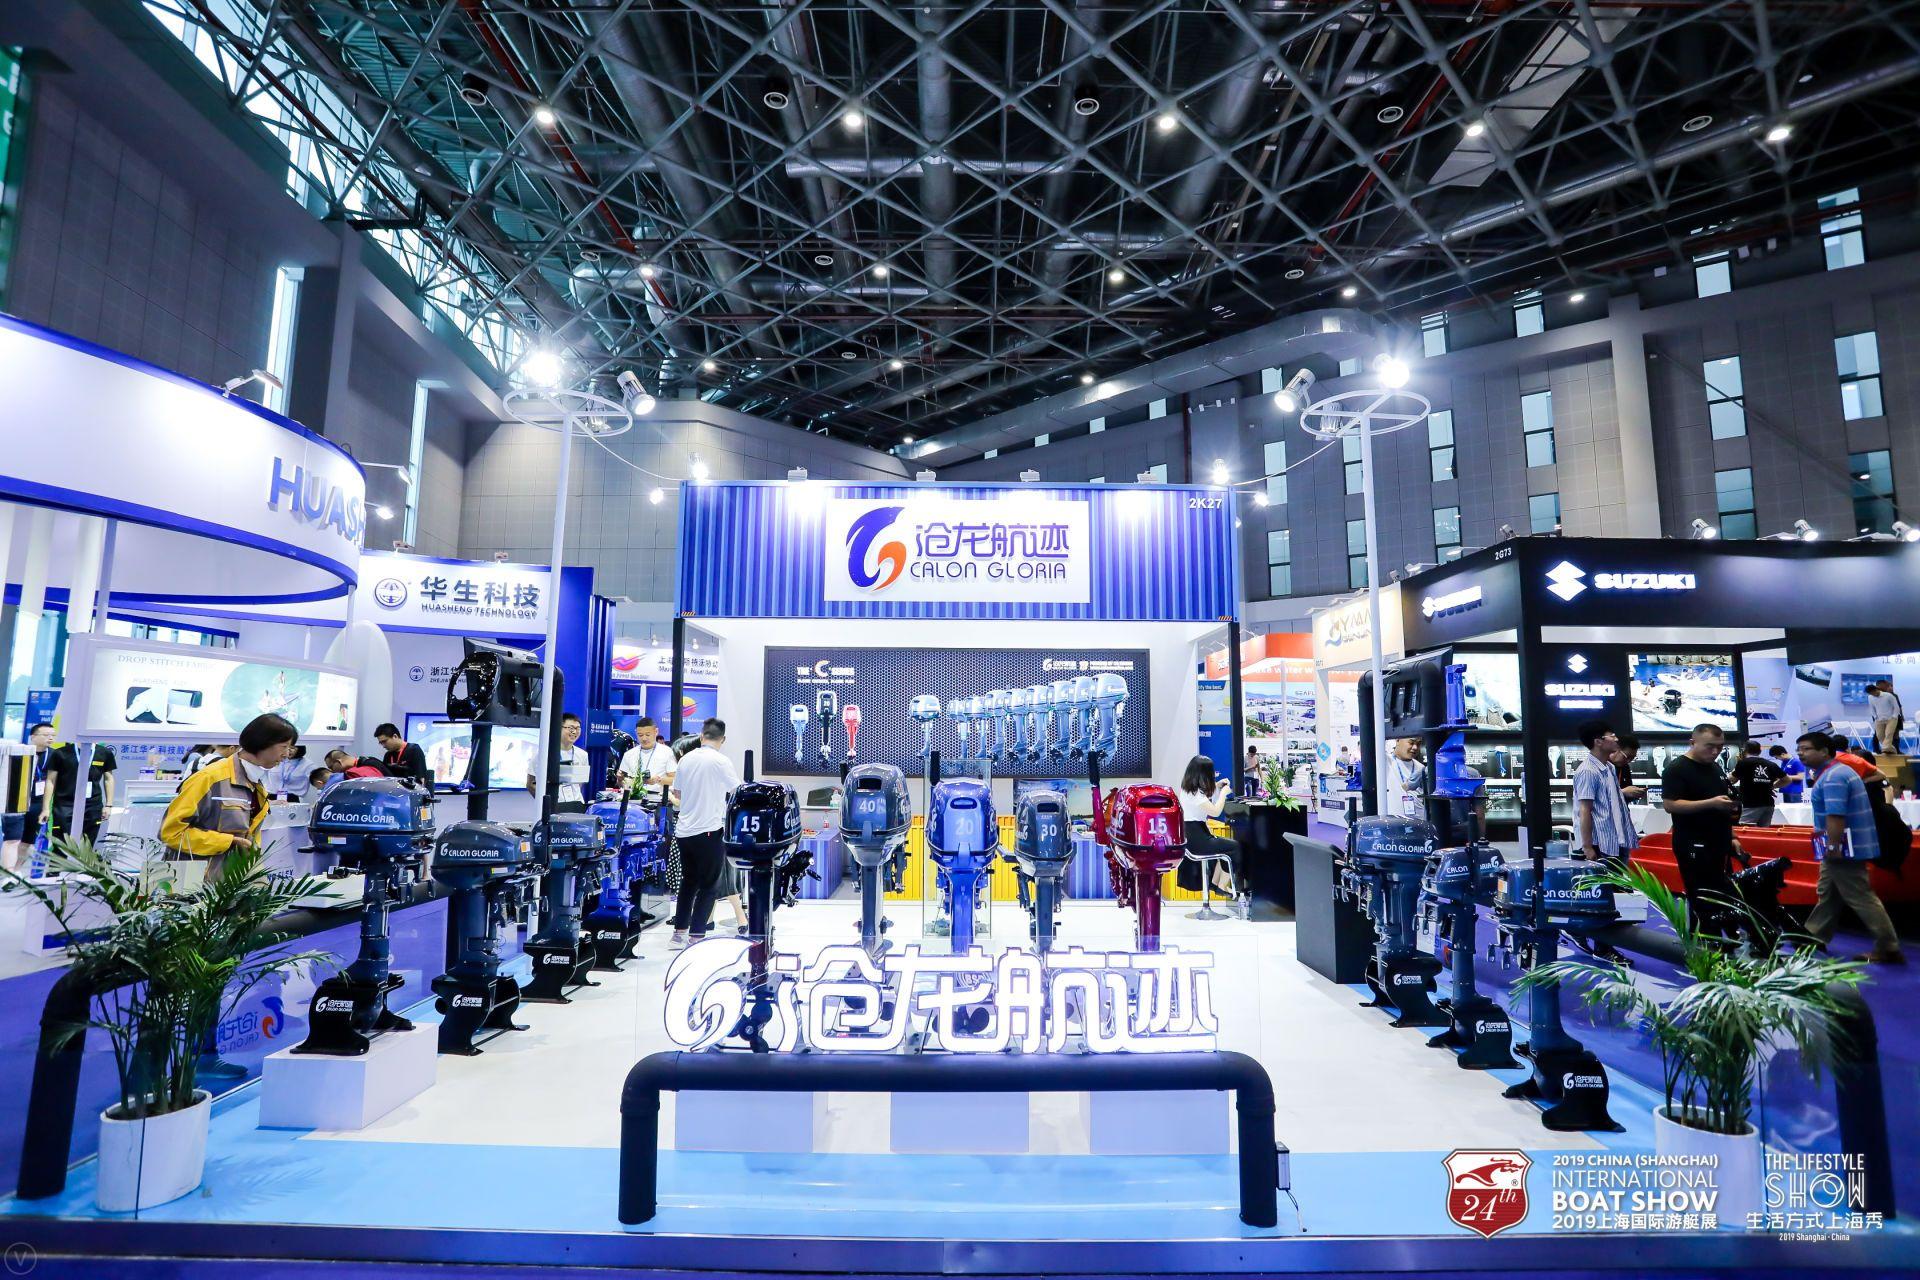 2019上海展2-vbox7163_AK4A6508_102723_small